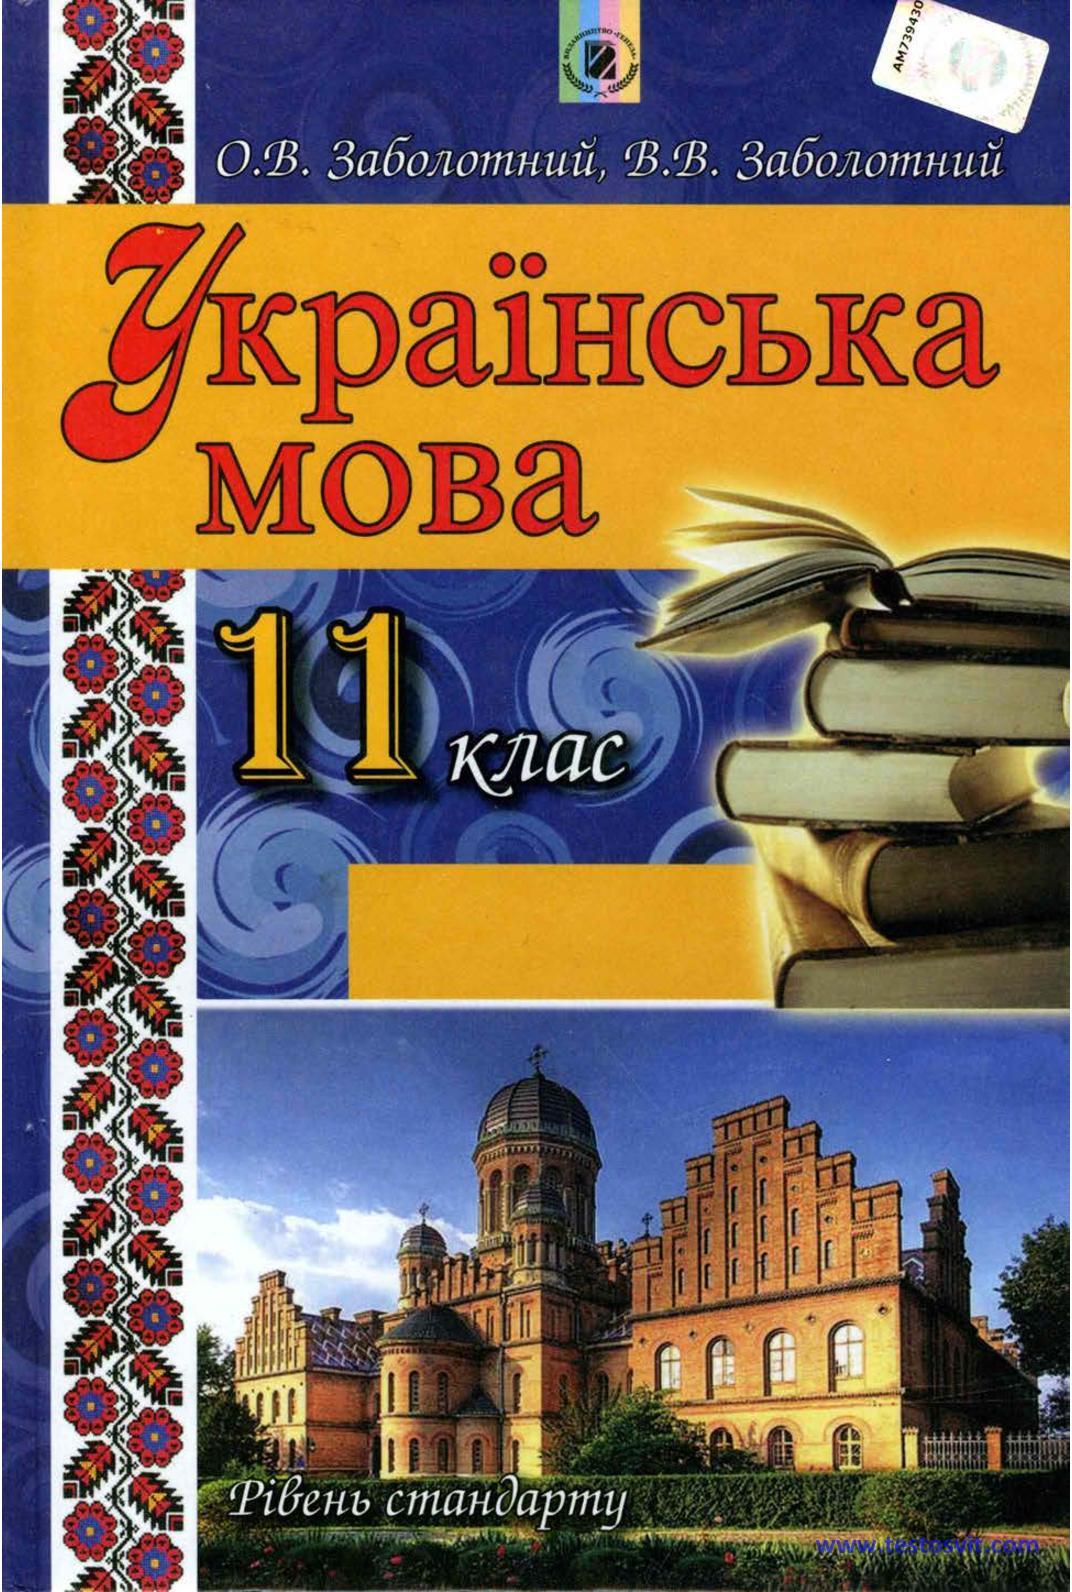 Calaméo - 11 клас. Українська мова рівень стандарту (Заболотний) - 2012 a7776beb87042